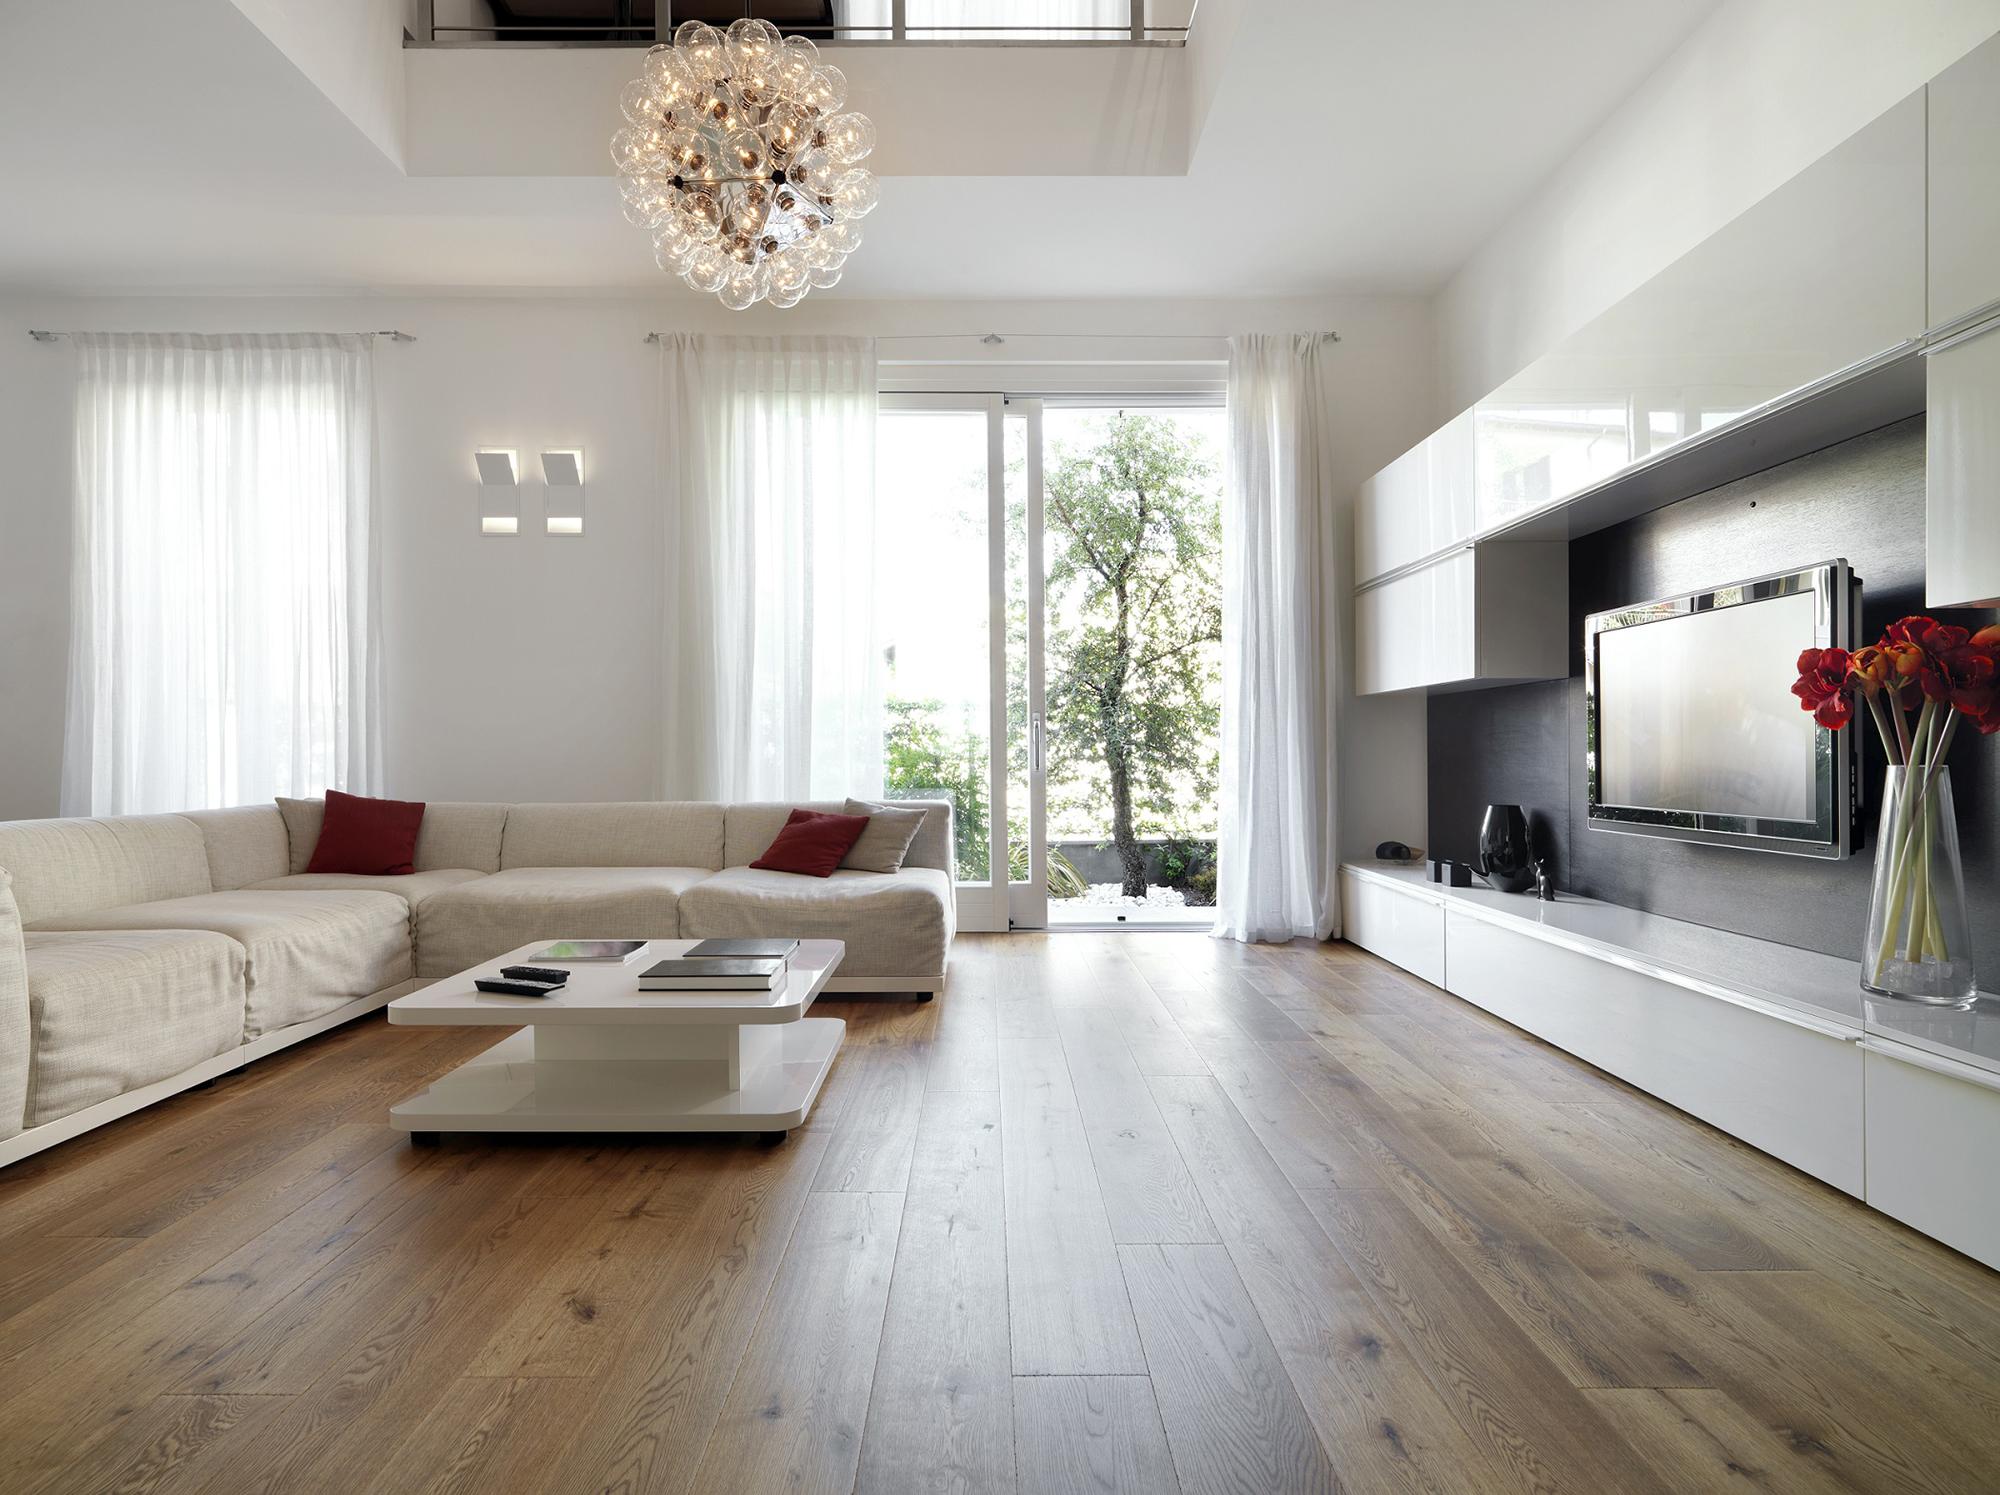 Светло-коричневый ламинат и стеклянные двери в комнате